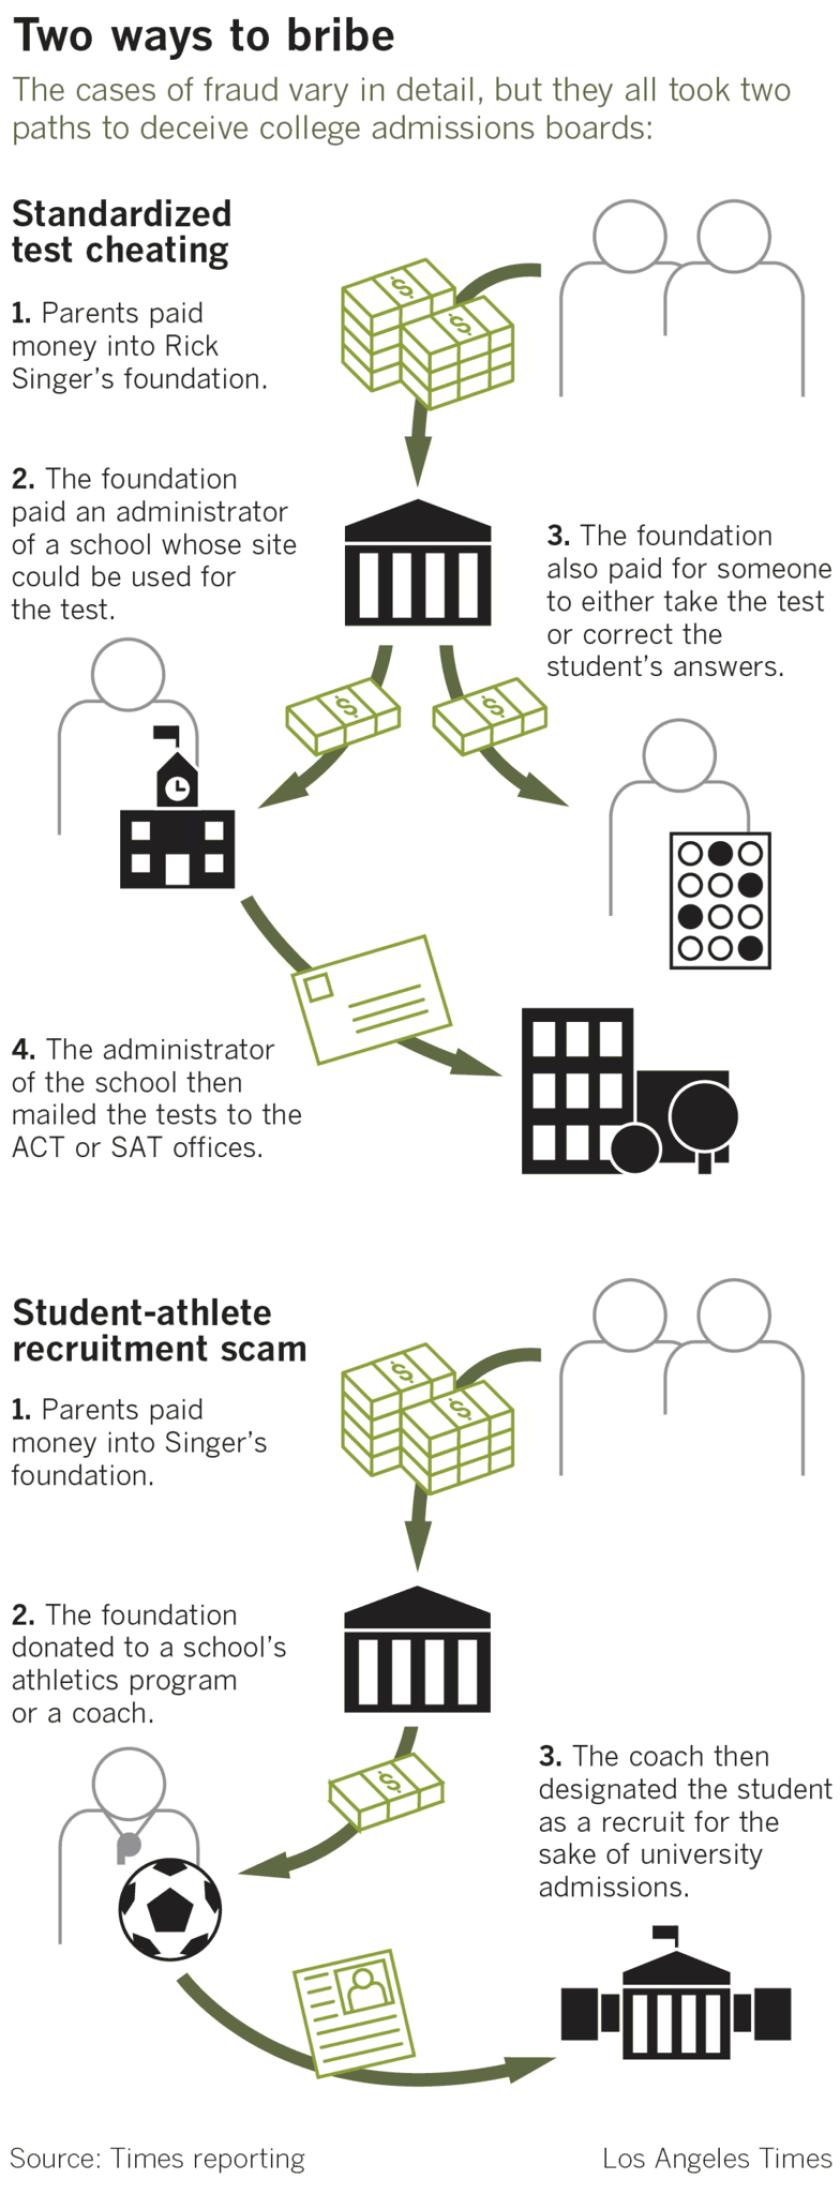 College cheating schemes